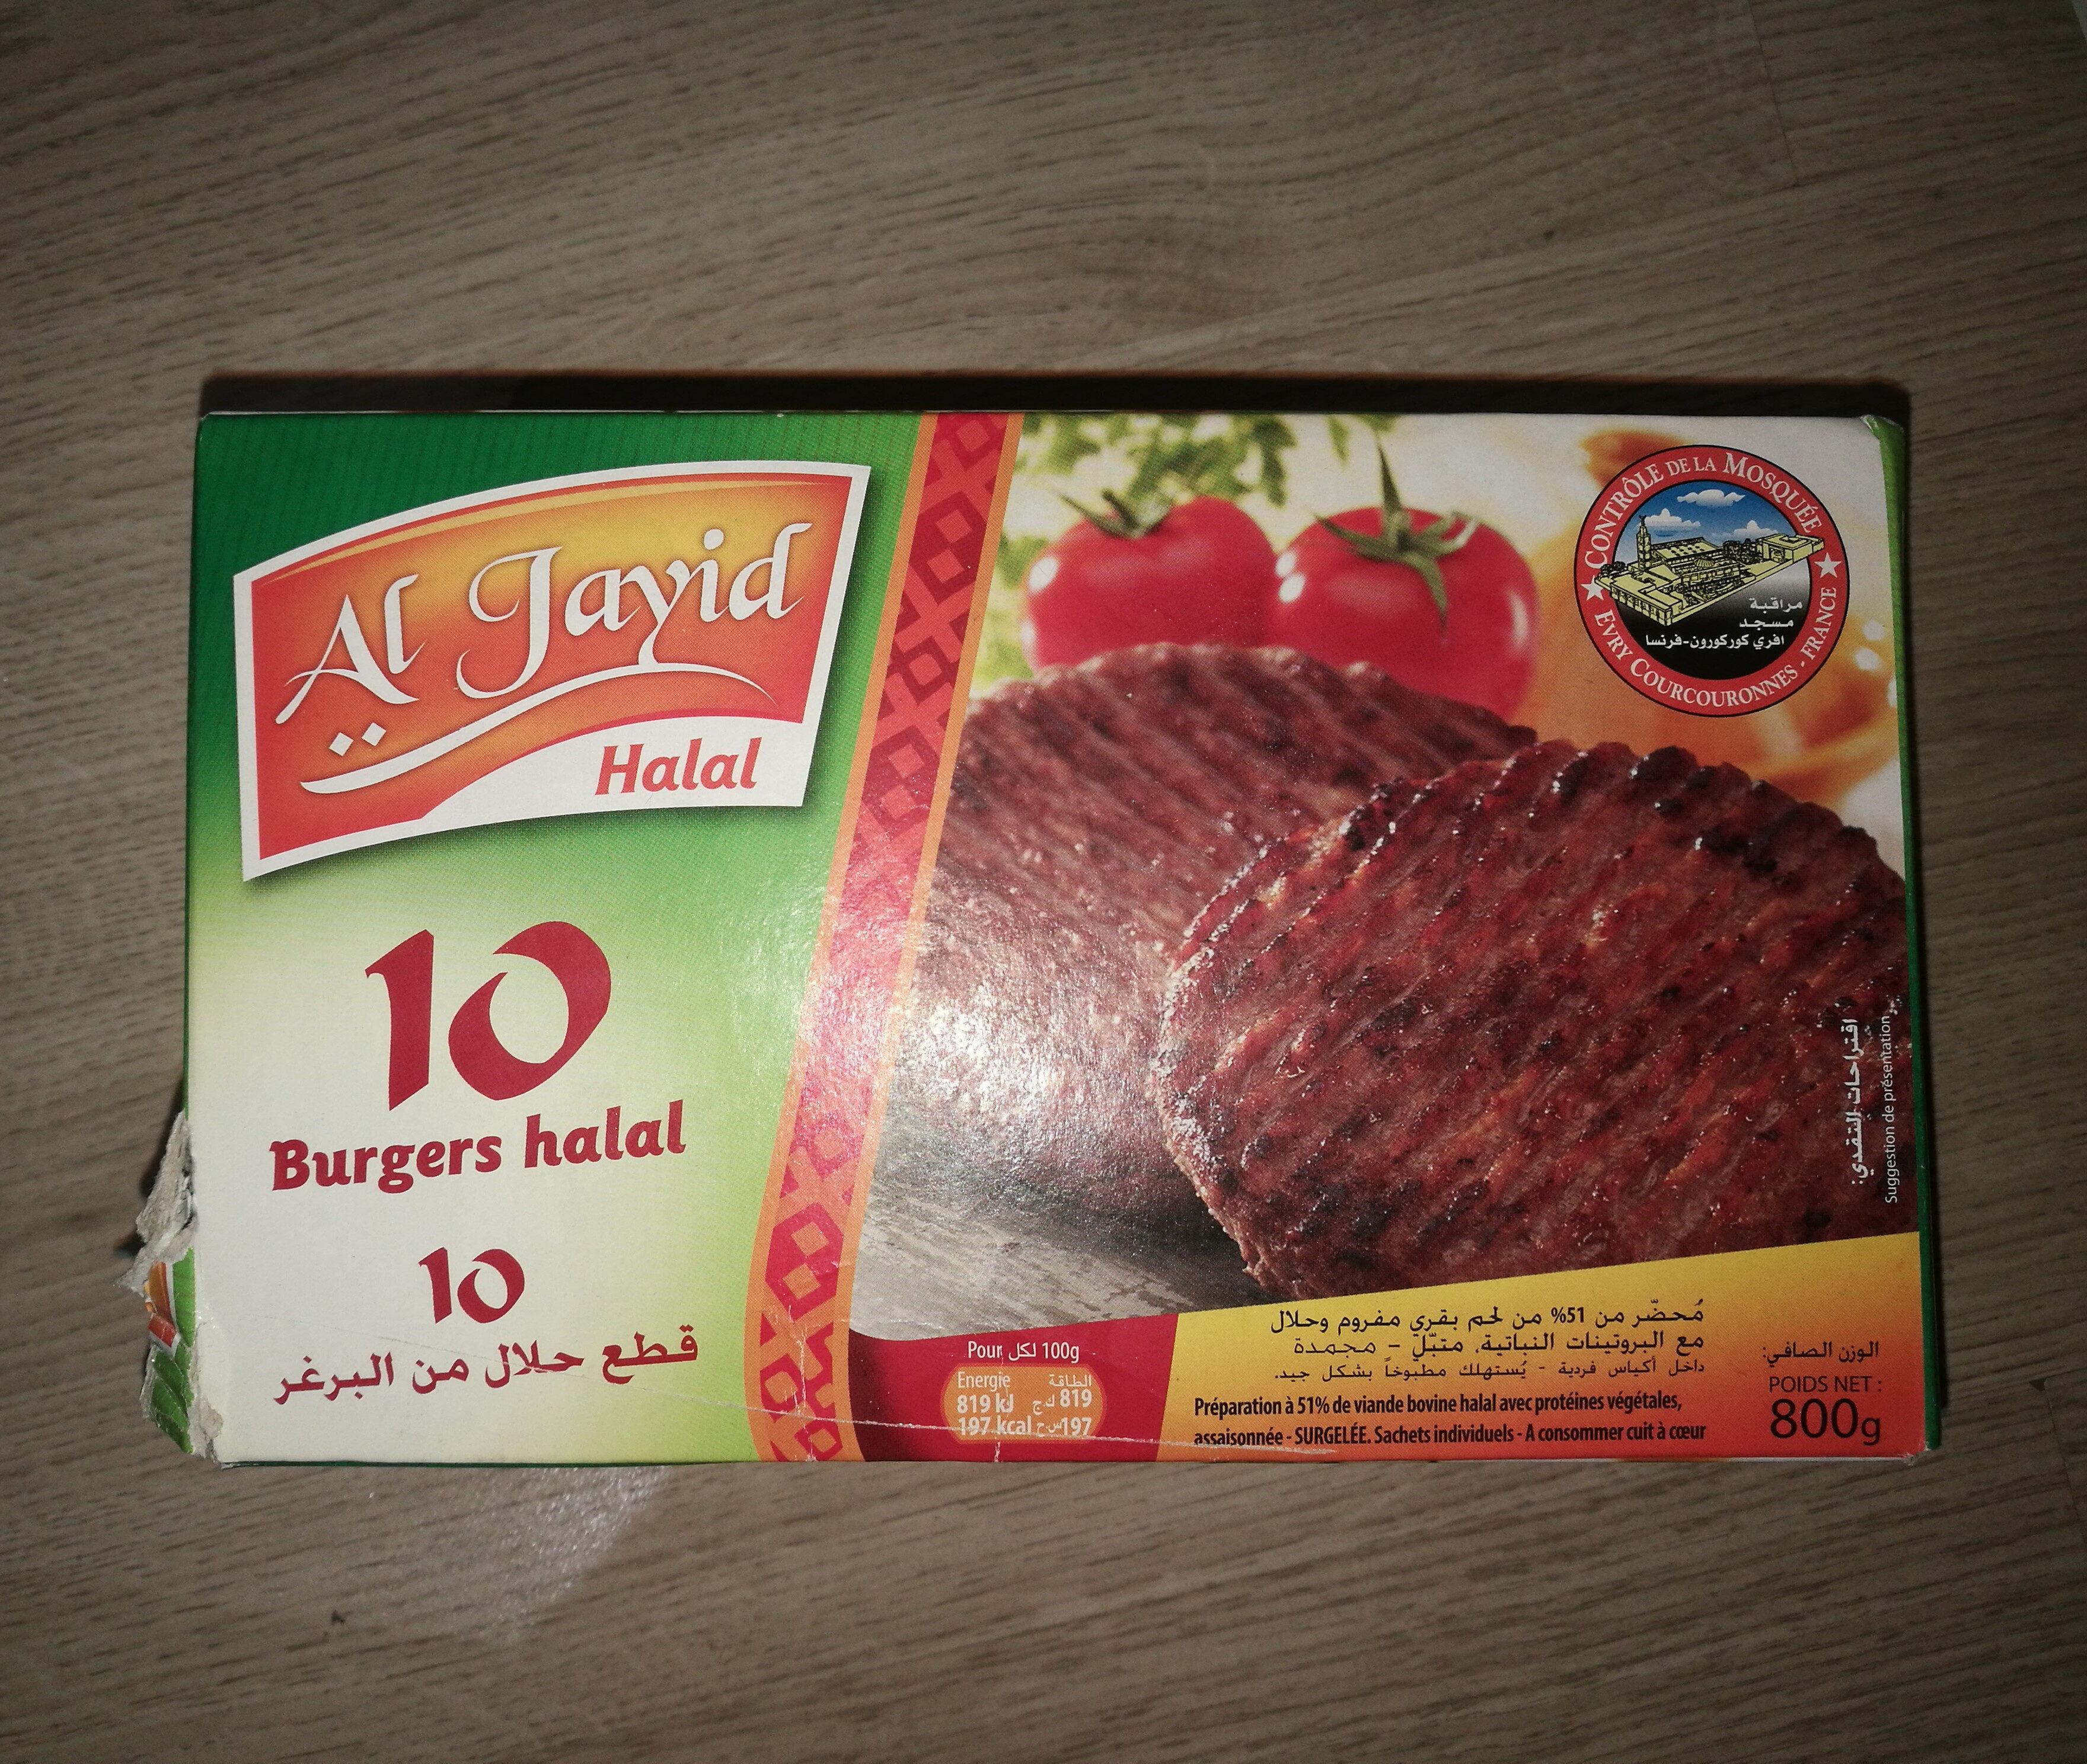 10 Burgers oignon halal Surgelé - Pourcentage de matières grasses inférieur à 15% - Product